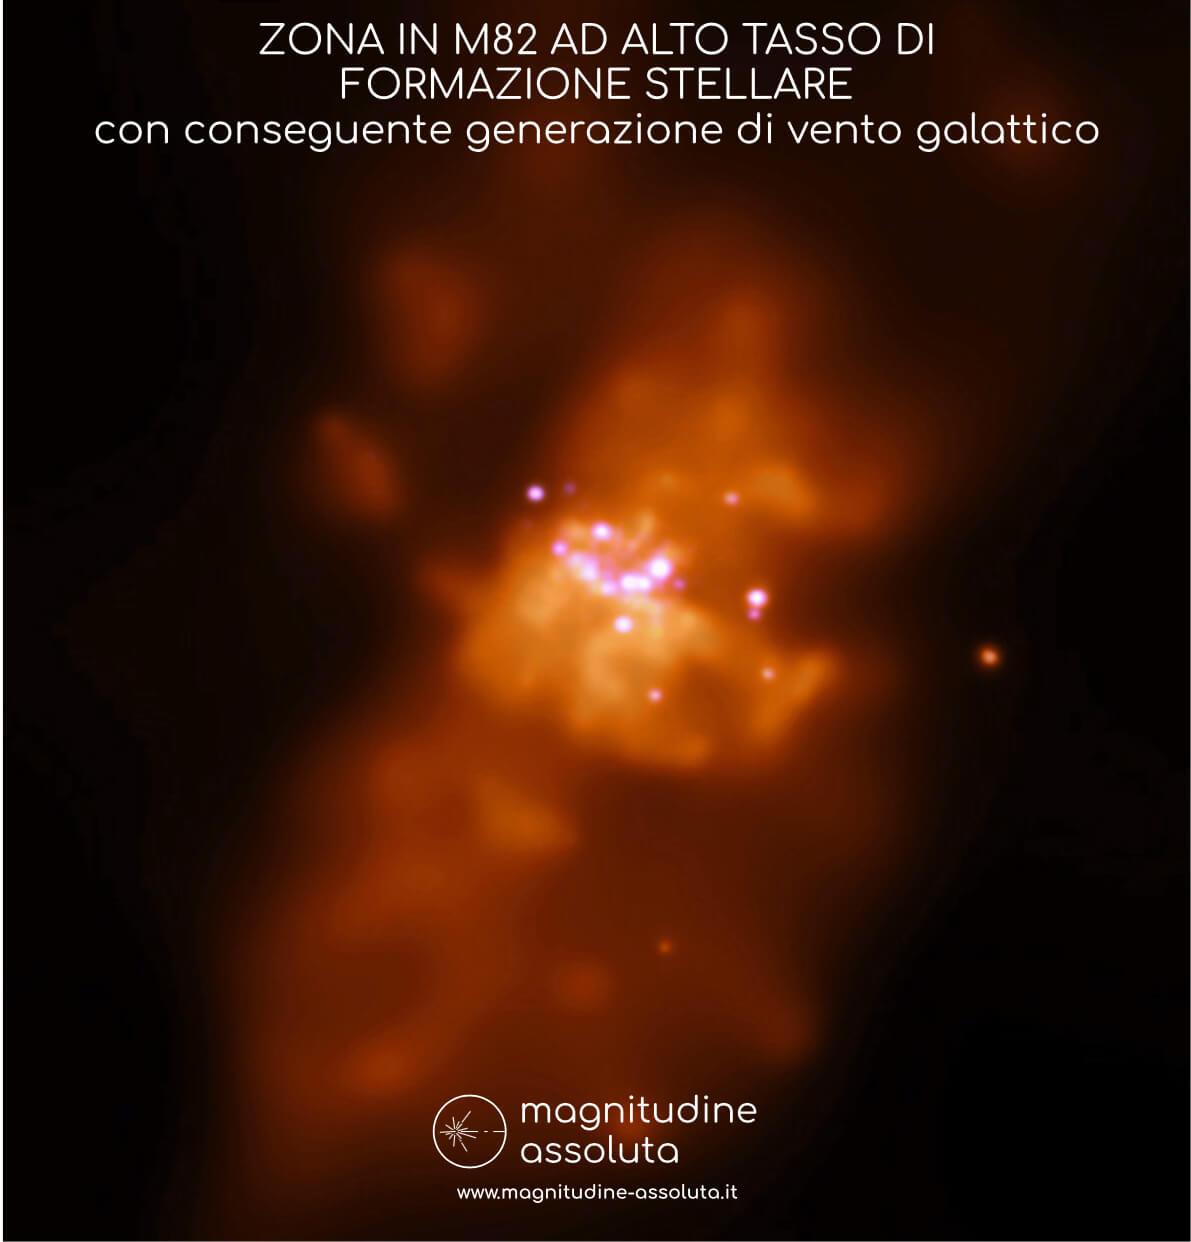 Foto NASA che riprende una zona nella galassia M82 con alto tassi di formazione stellare e conseguente propagazione di vento galattico.